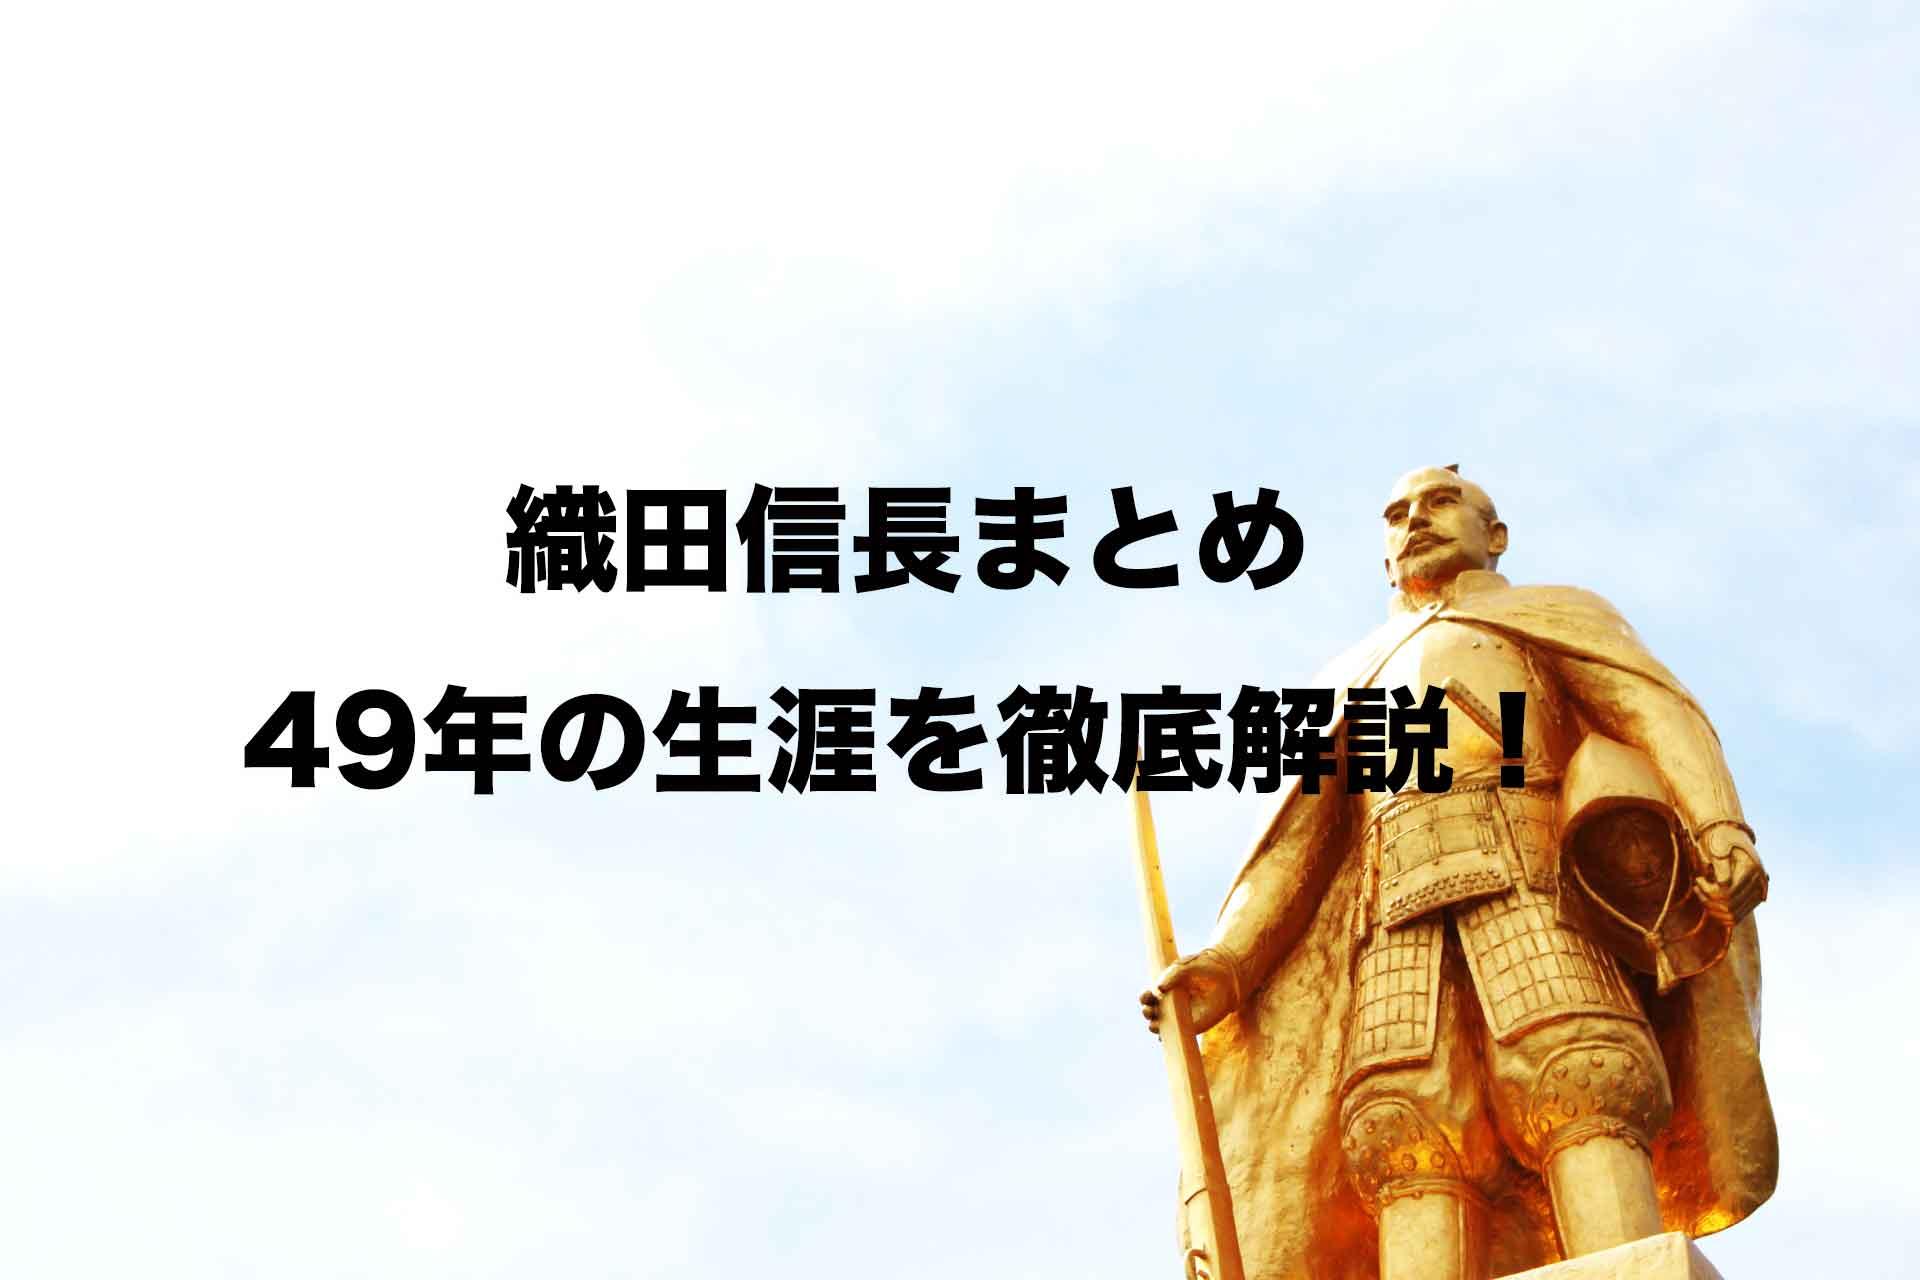 【織田信長まとめ】信長の49年の生涯を年表形式で簡単に解説!